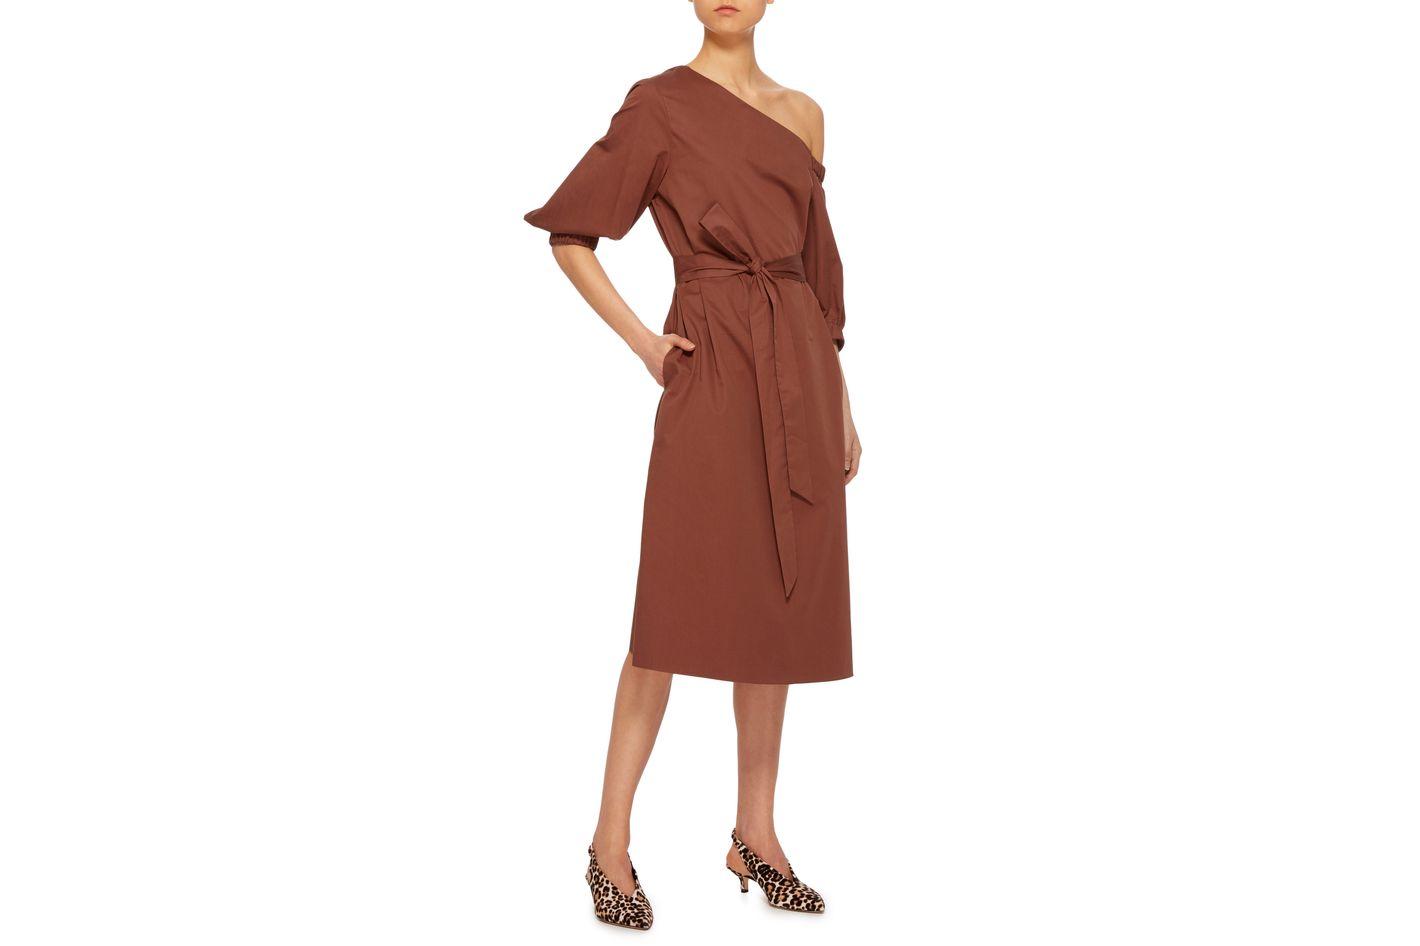 Tibi Asymmetric Cotton Dress